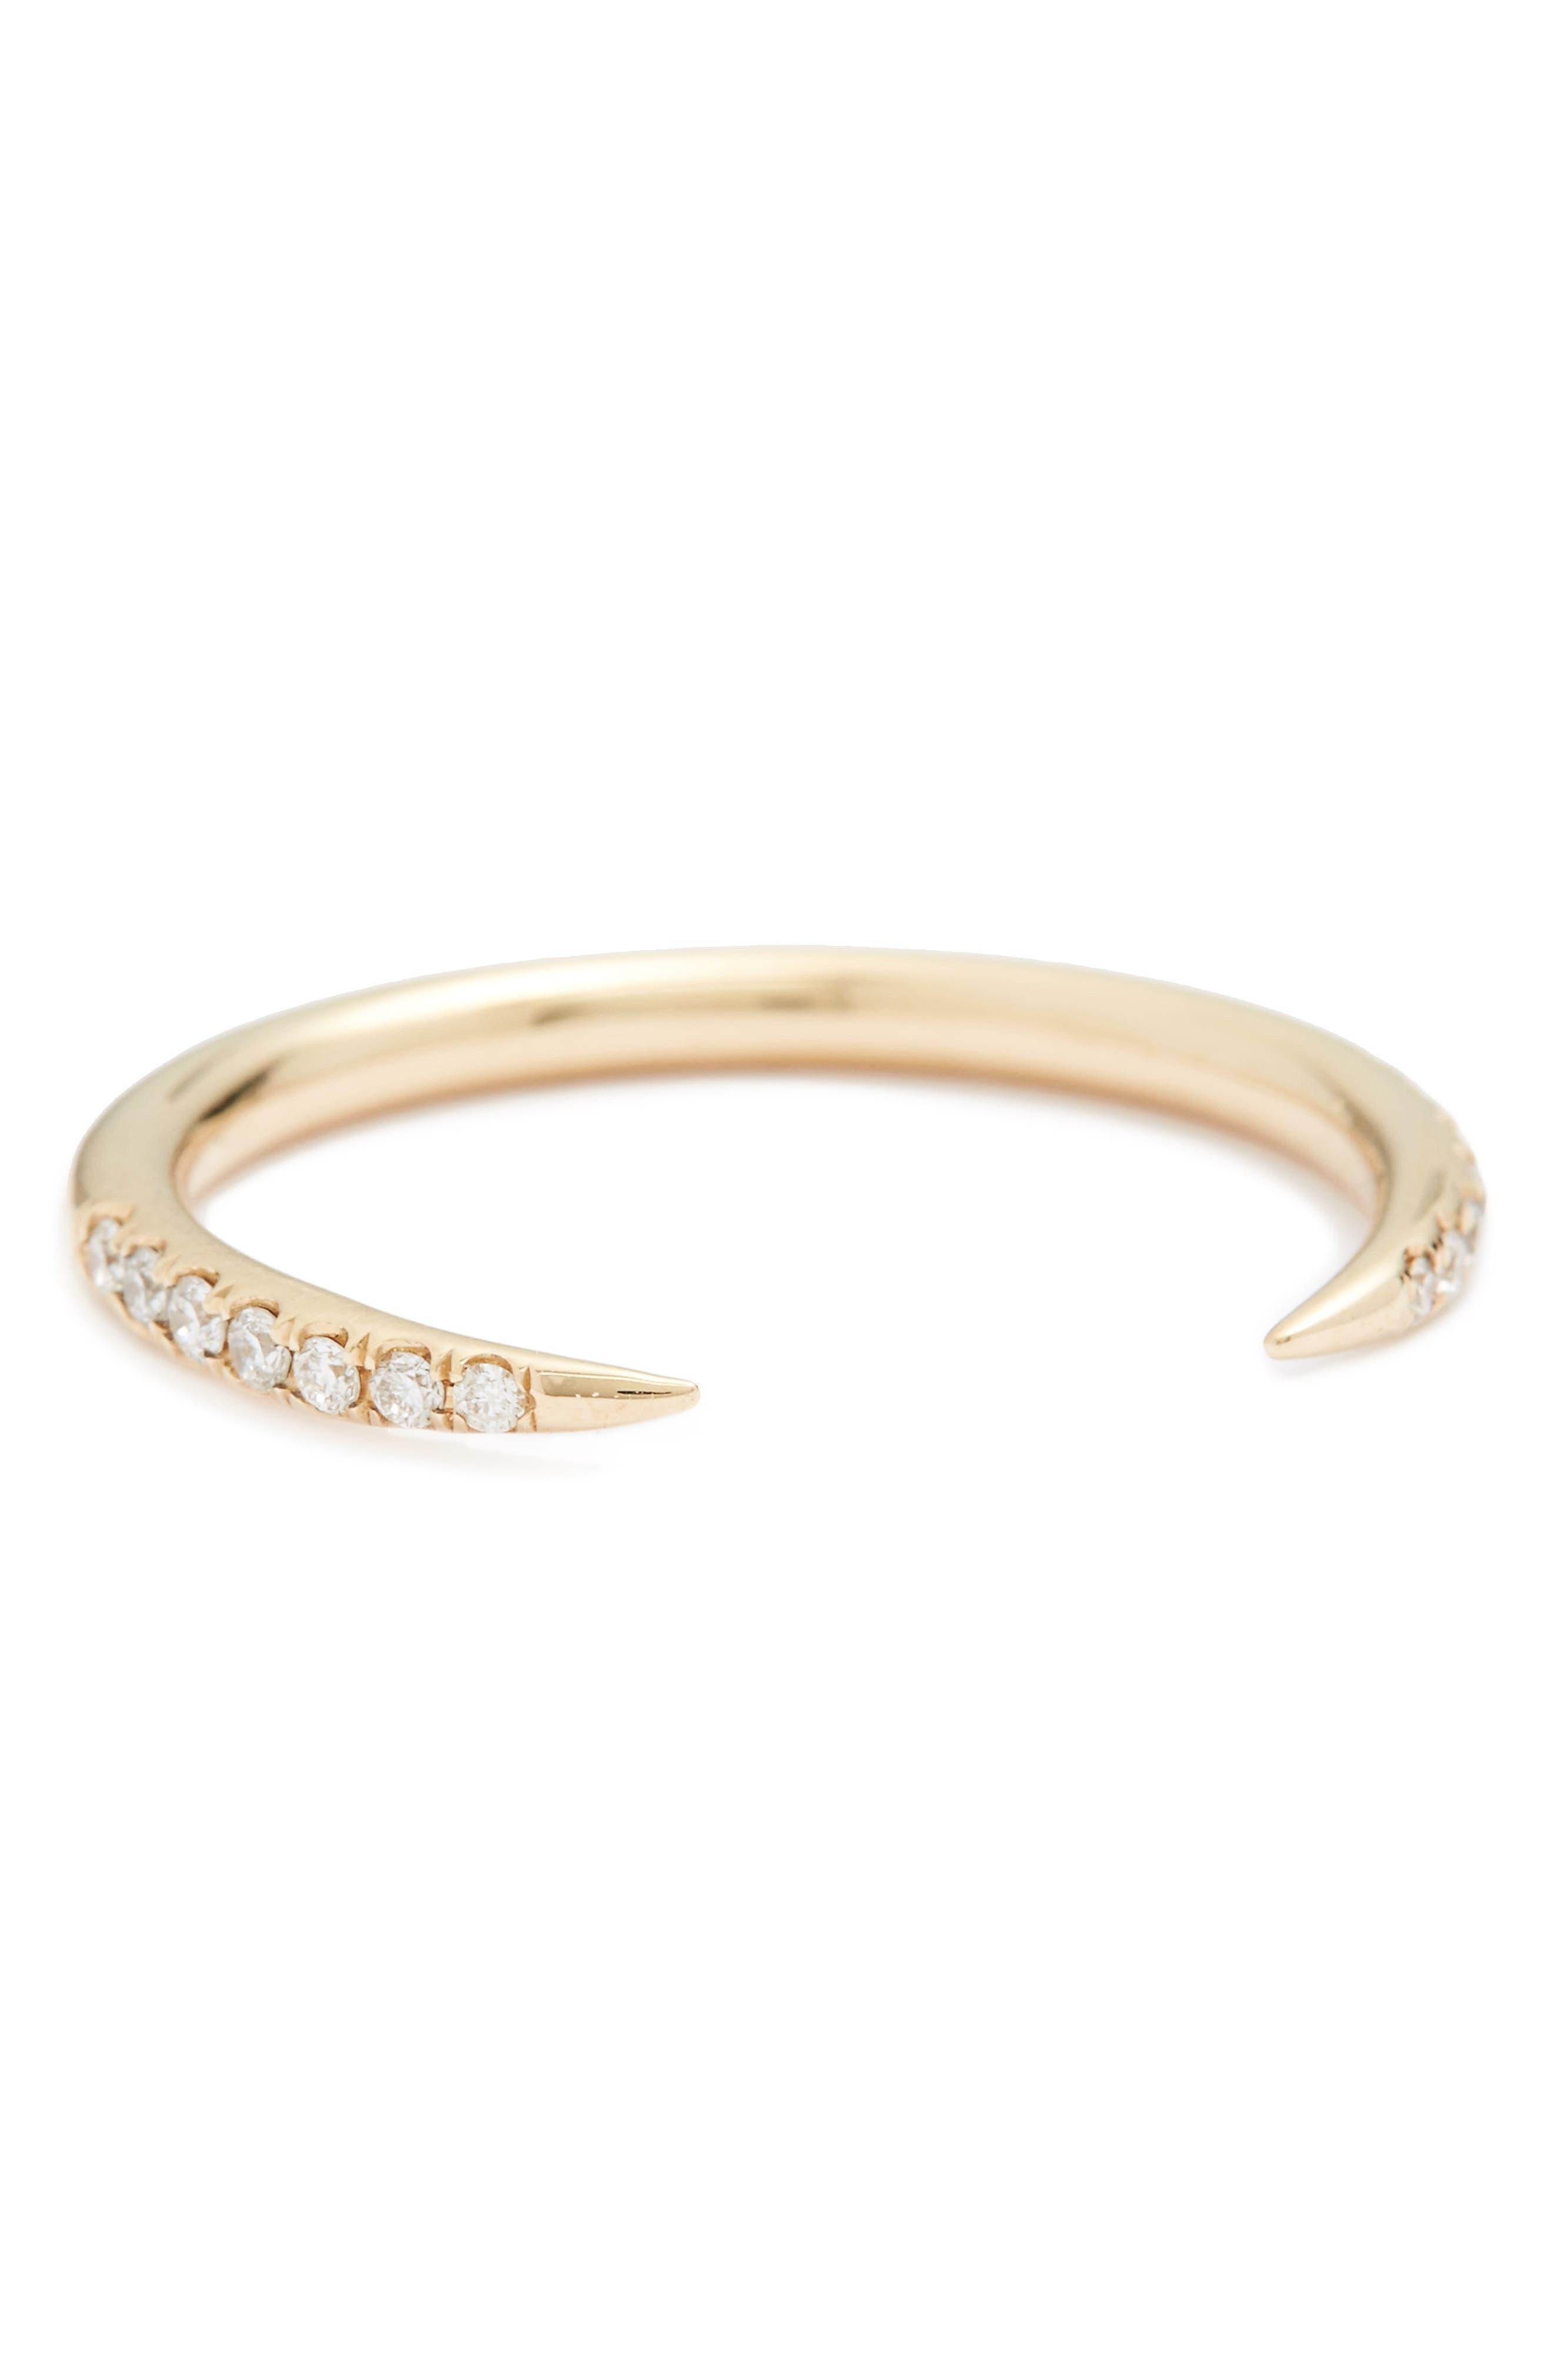 WWAKE Micro Pavé Open Slice White Diamond Ring